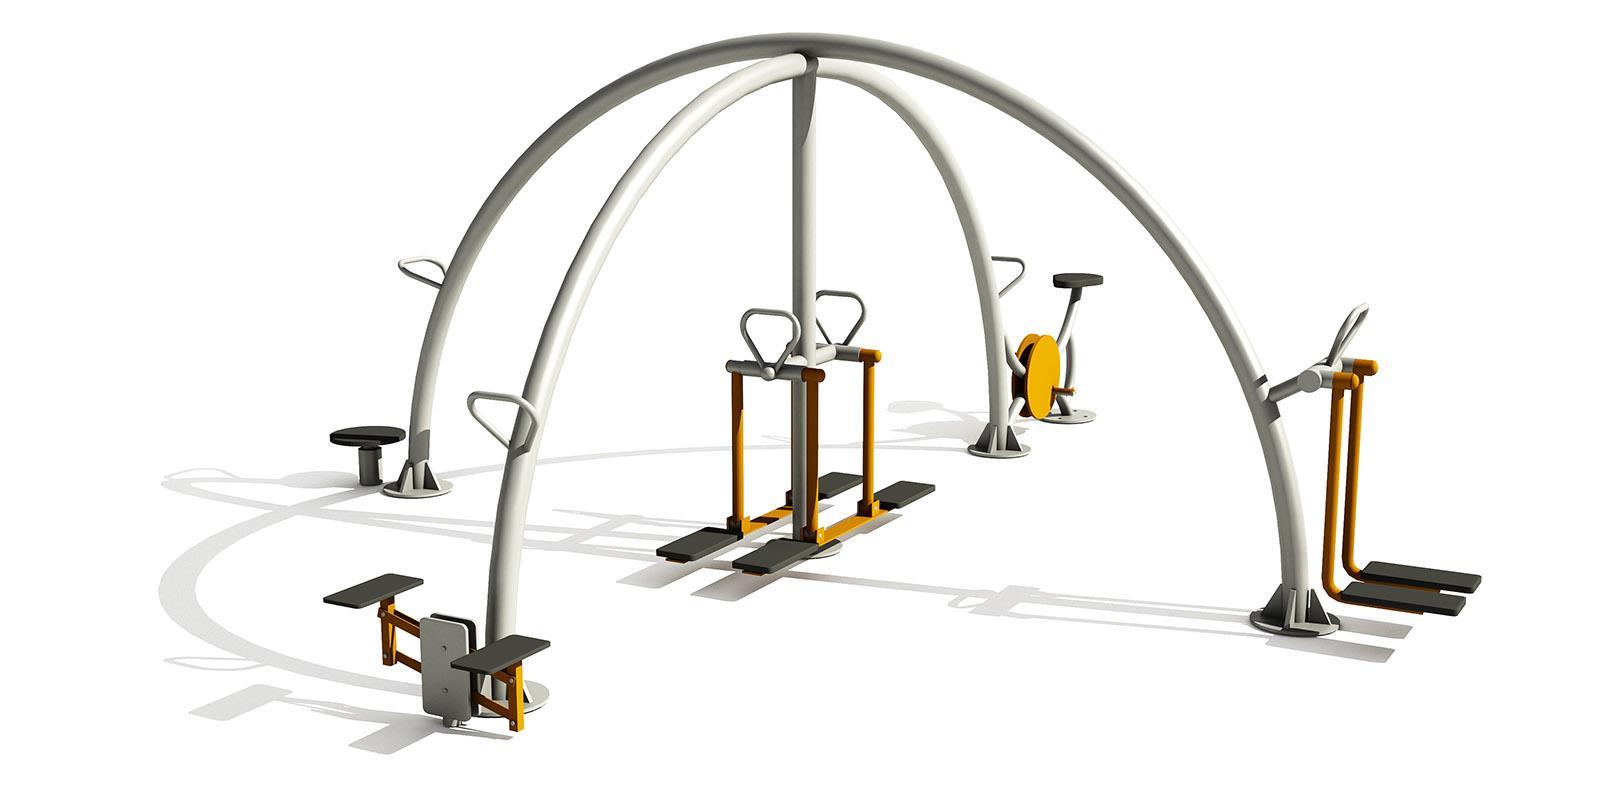 Fitness Spor Aletleri FT-2 10